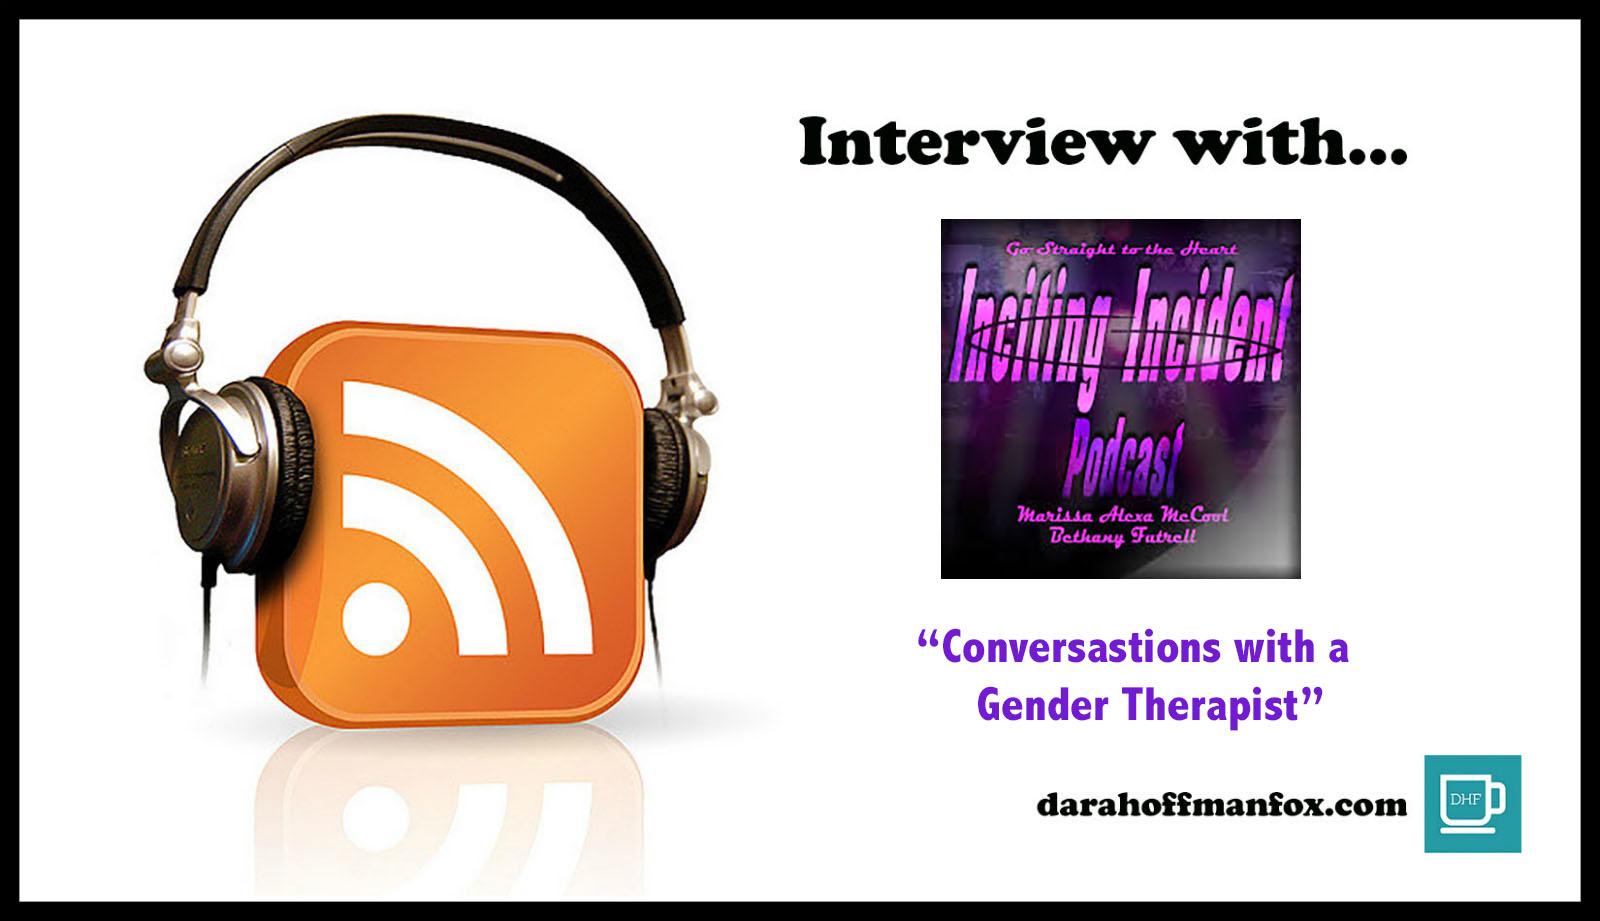 Gender therapist